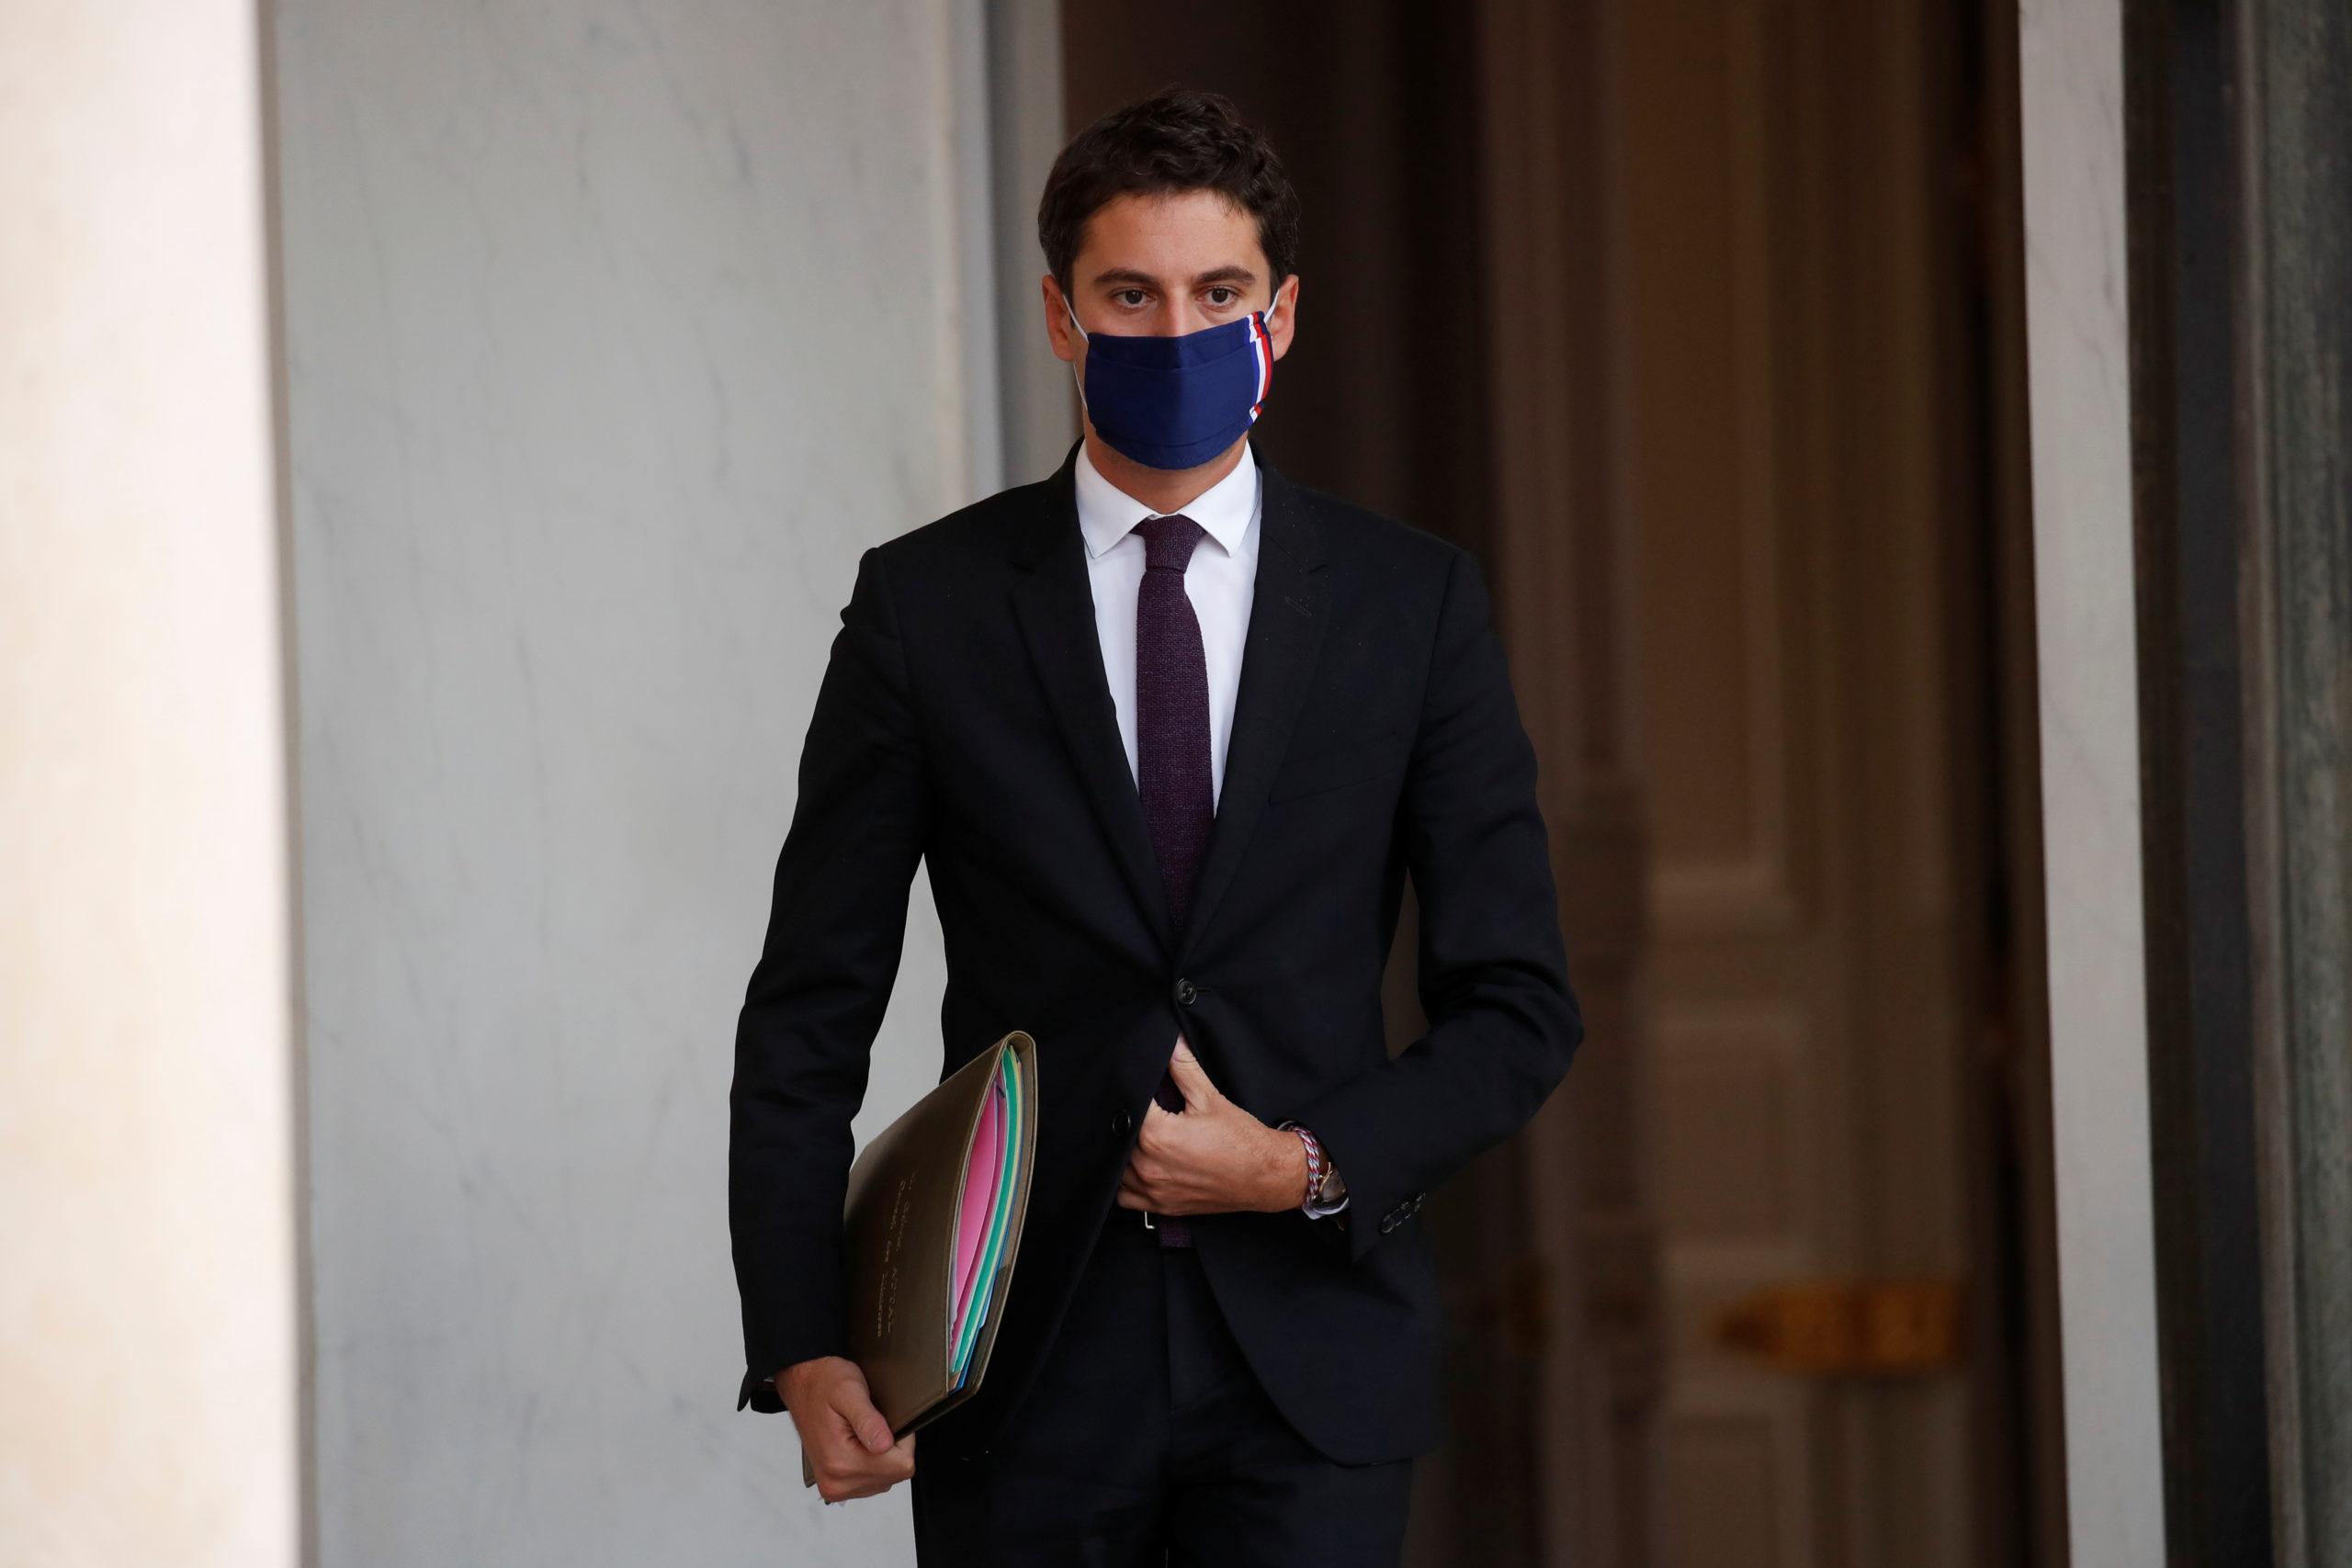 France/Coronavirus: Il serait prématuré d'assouplir le confinement, dit Attal